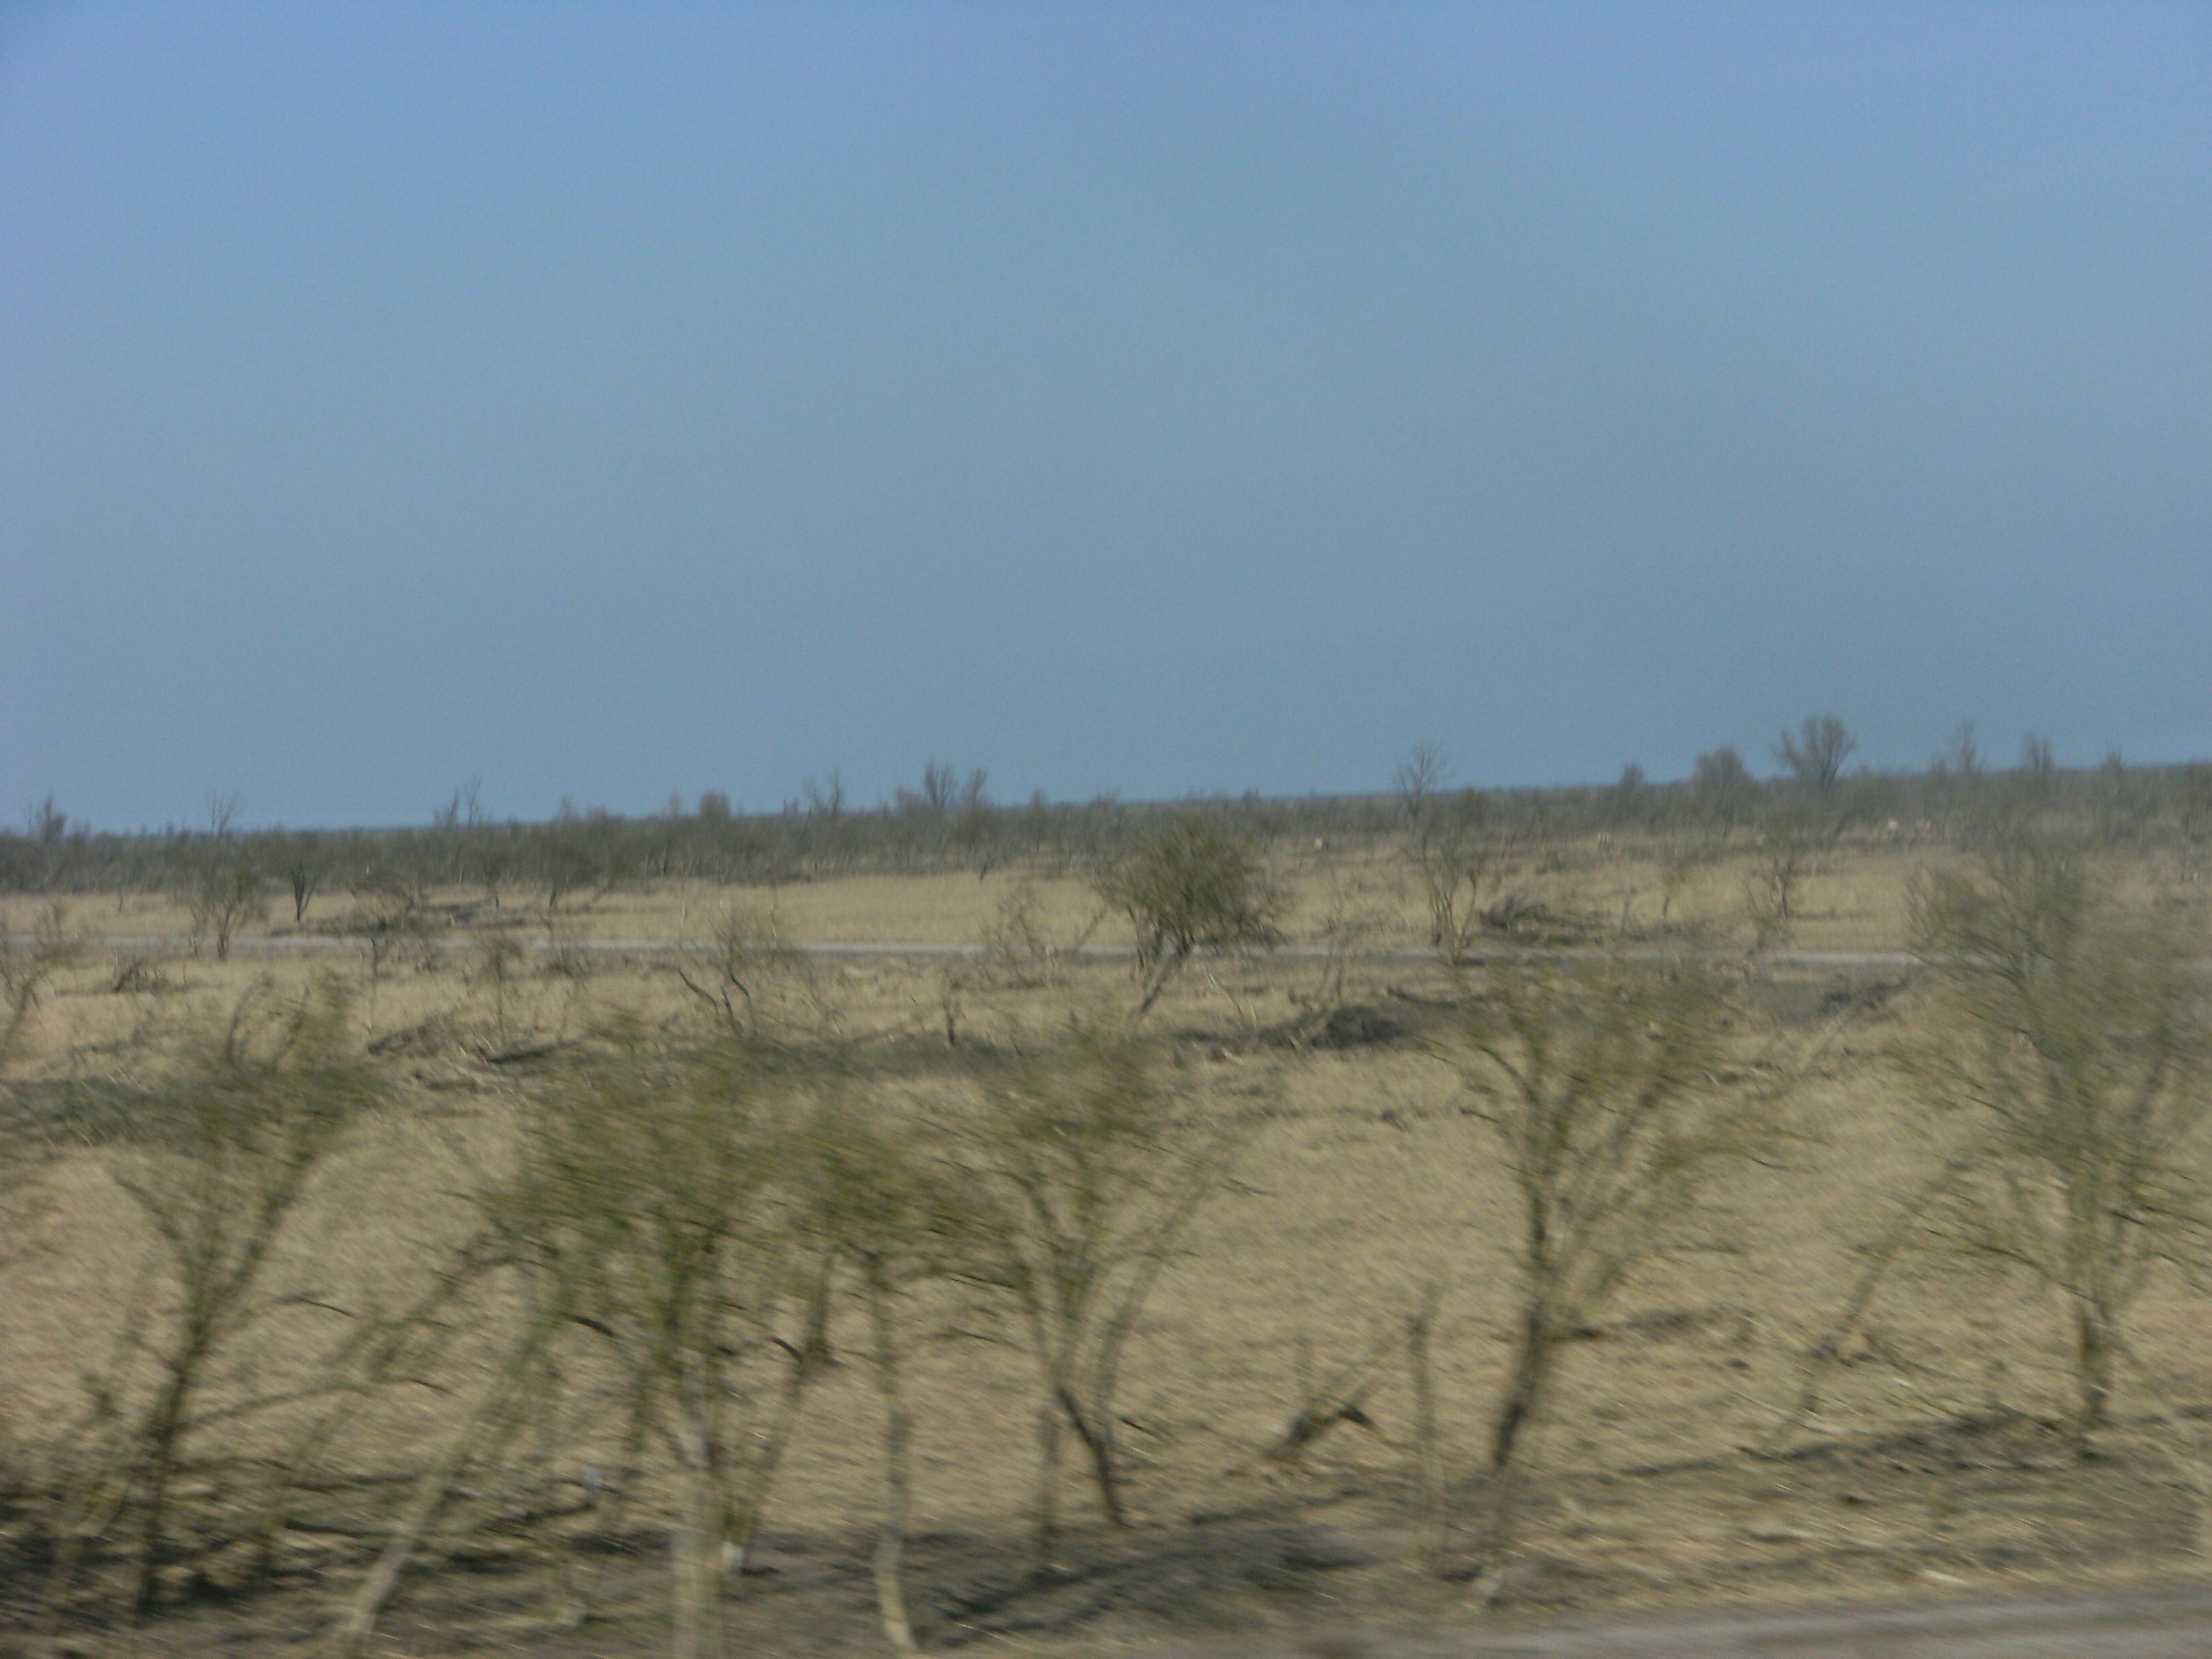 File:Flevoland landscape seen from train Almere - Lelystad 2.JPG